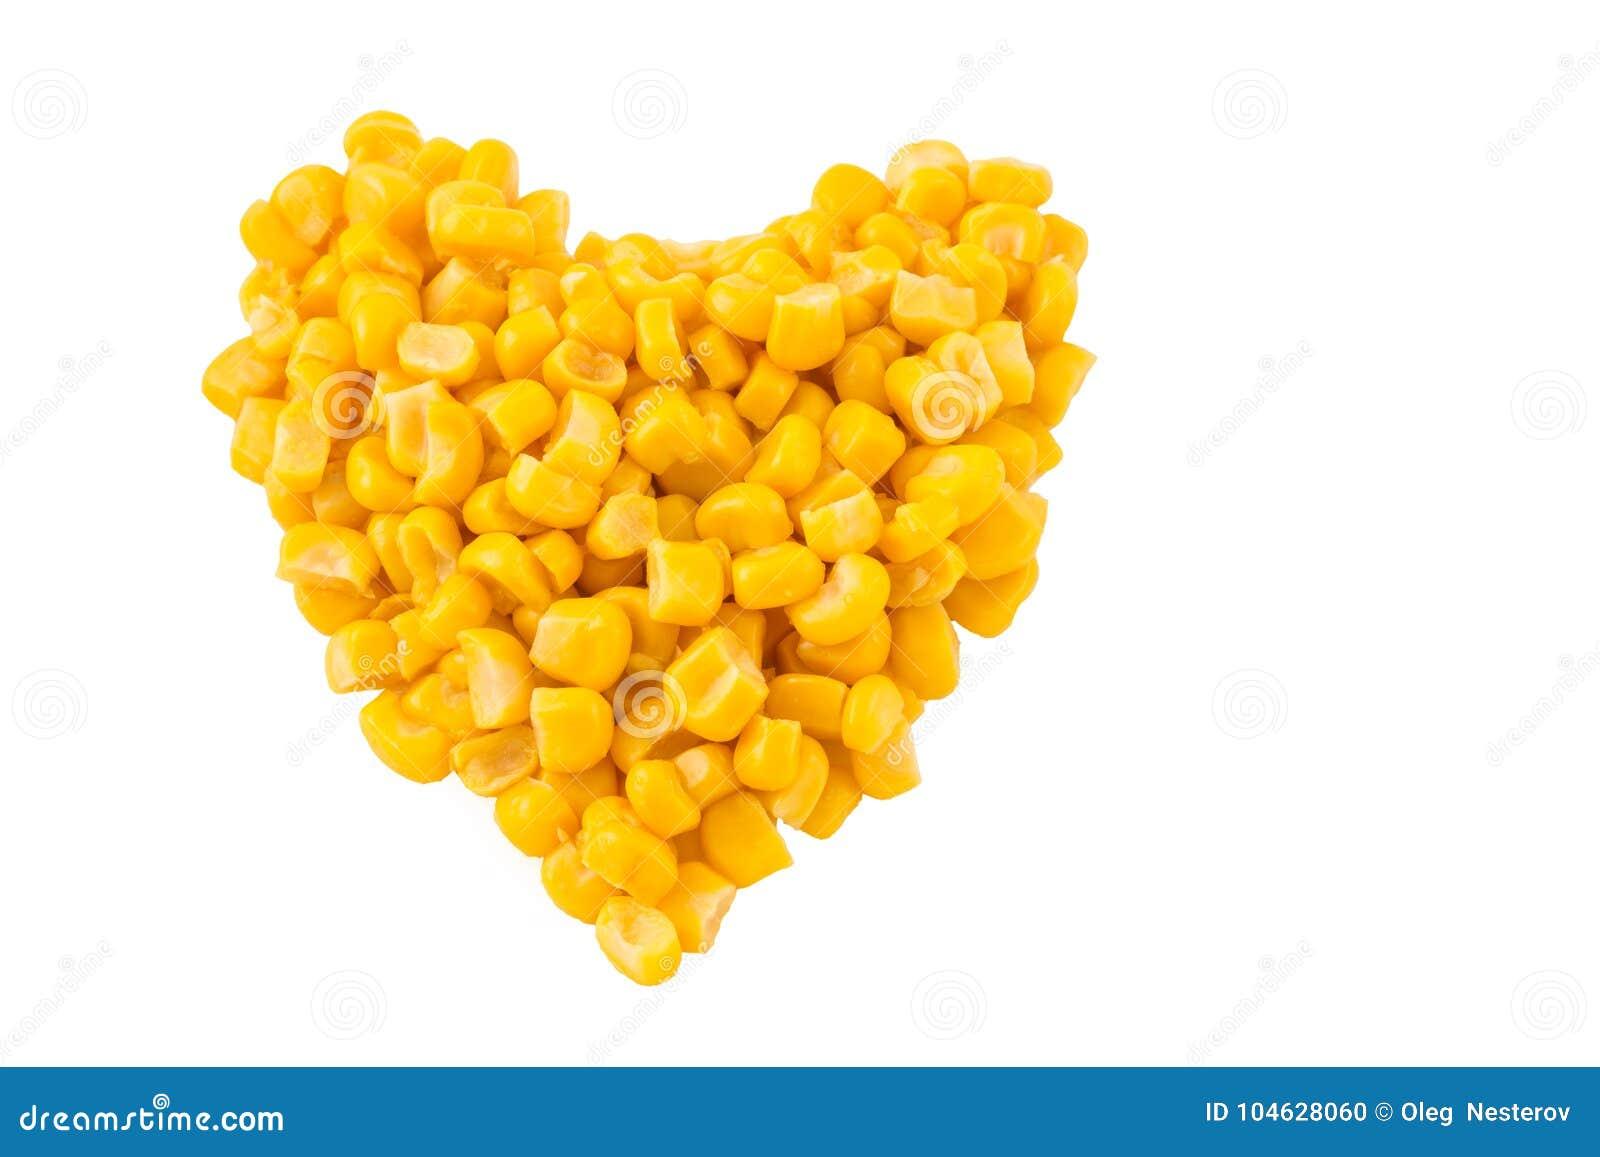 Download Hart Met Ingeblikt Graan Op Witte Achtergrond Wordt Gevoerd Die Stock Foto - Afbeelding bestaande uit hart, smakelijk: 104628060